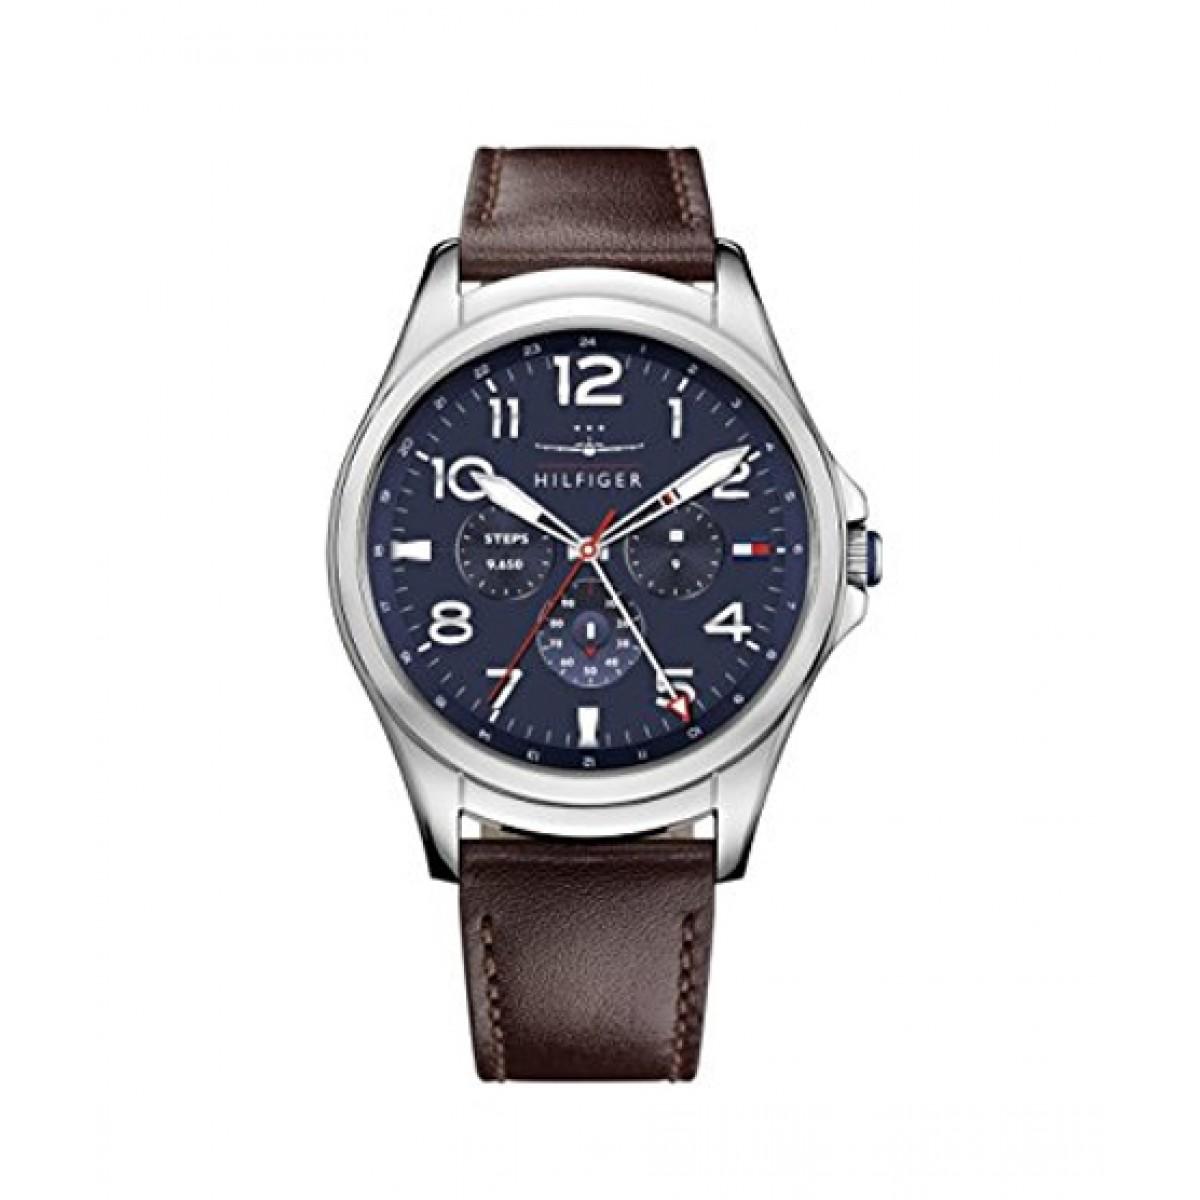 Tommy Hilfiger Men's Smartwatch Brown (1791406)